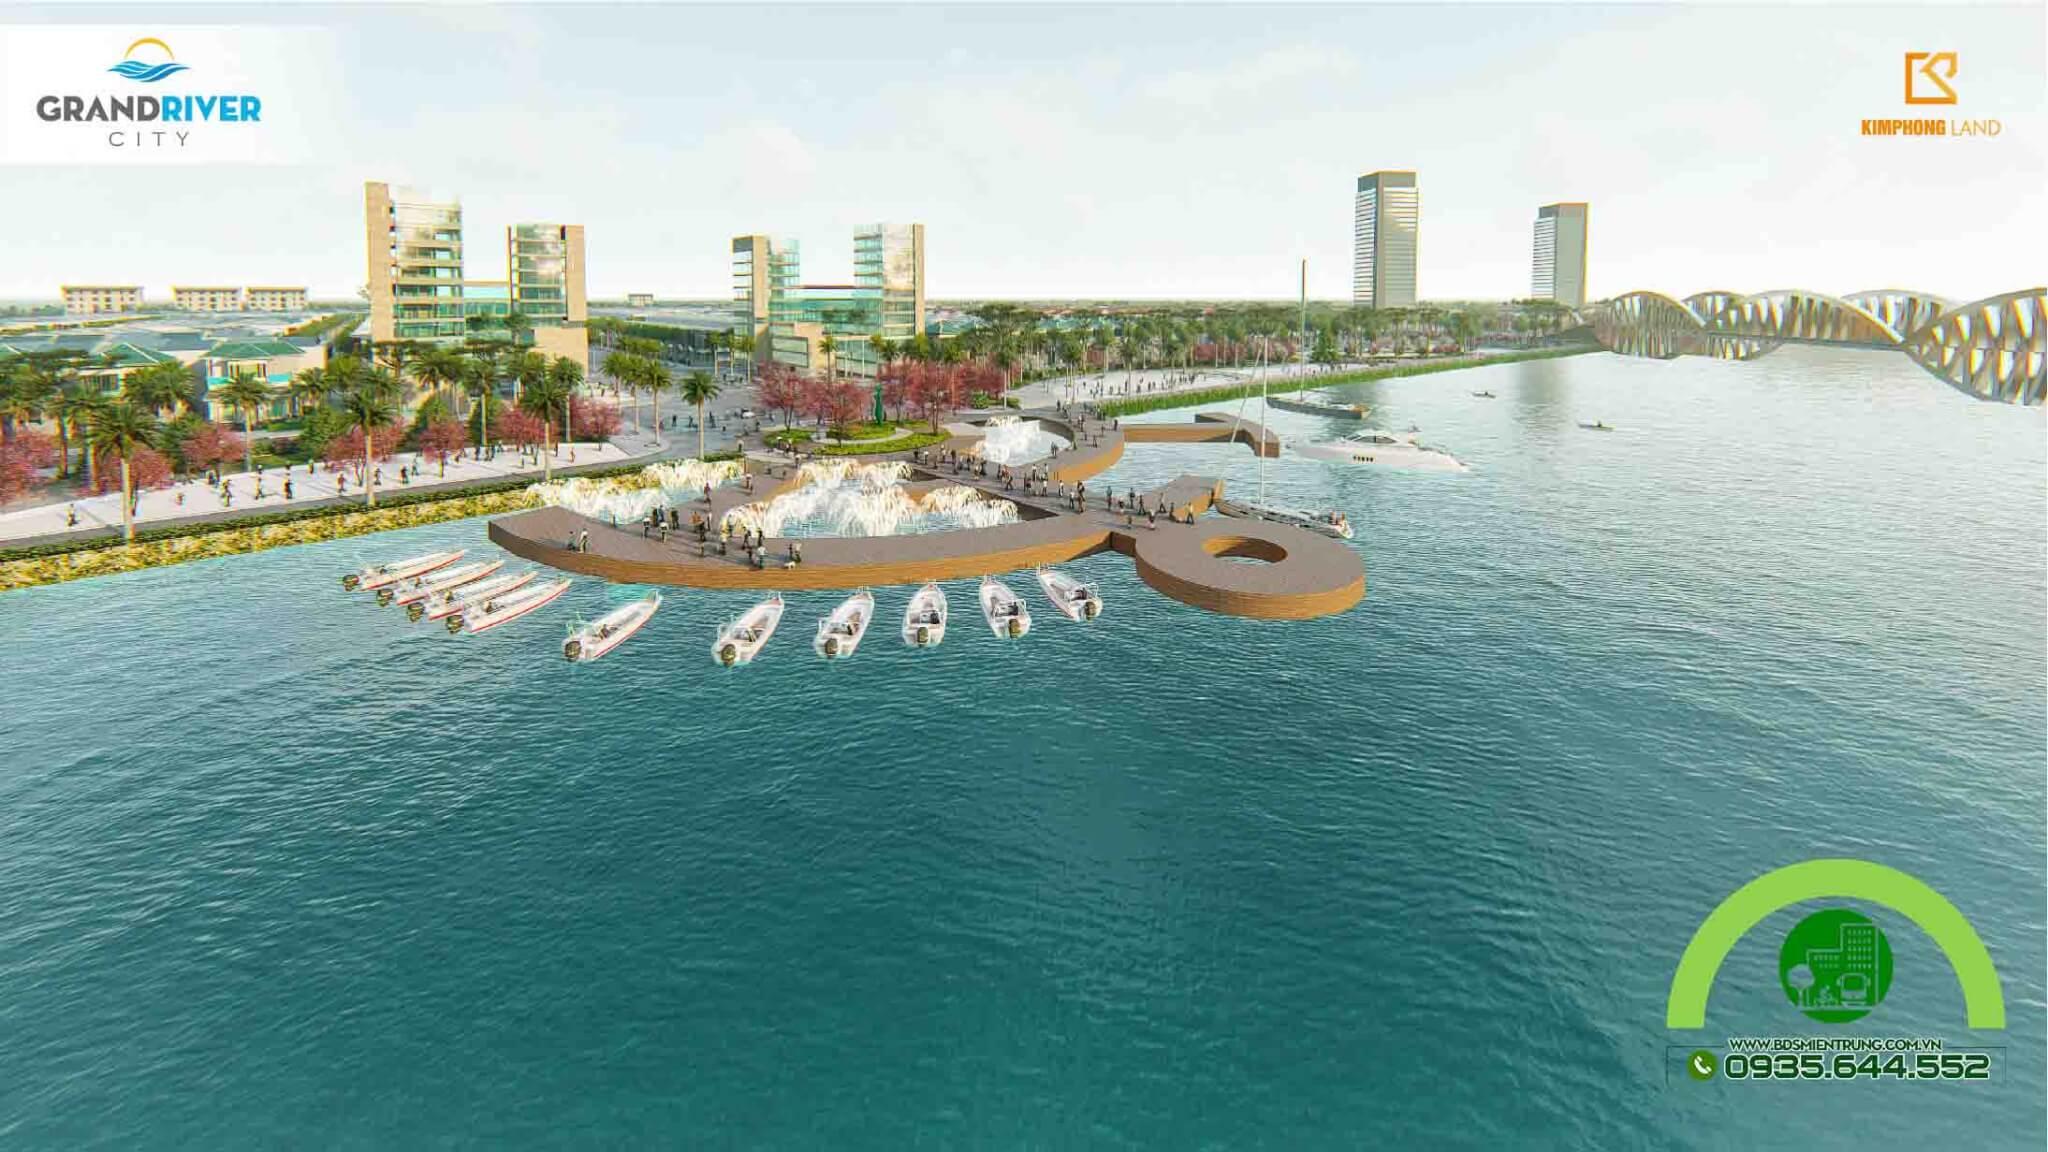 Bến du thuyền ngay trong khu đô thị Grand River City